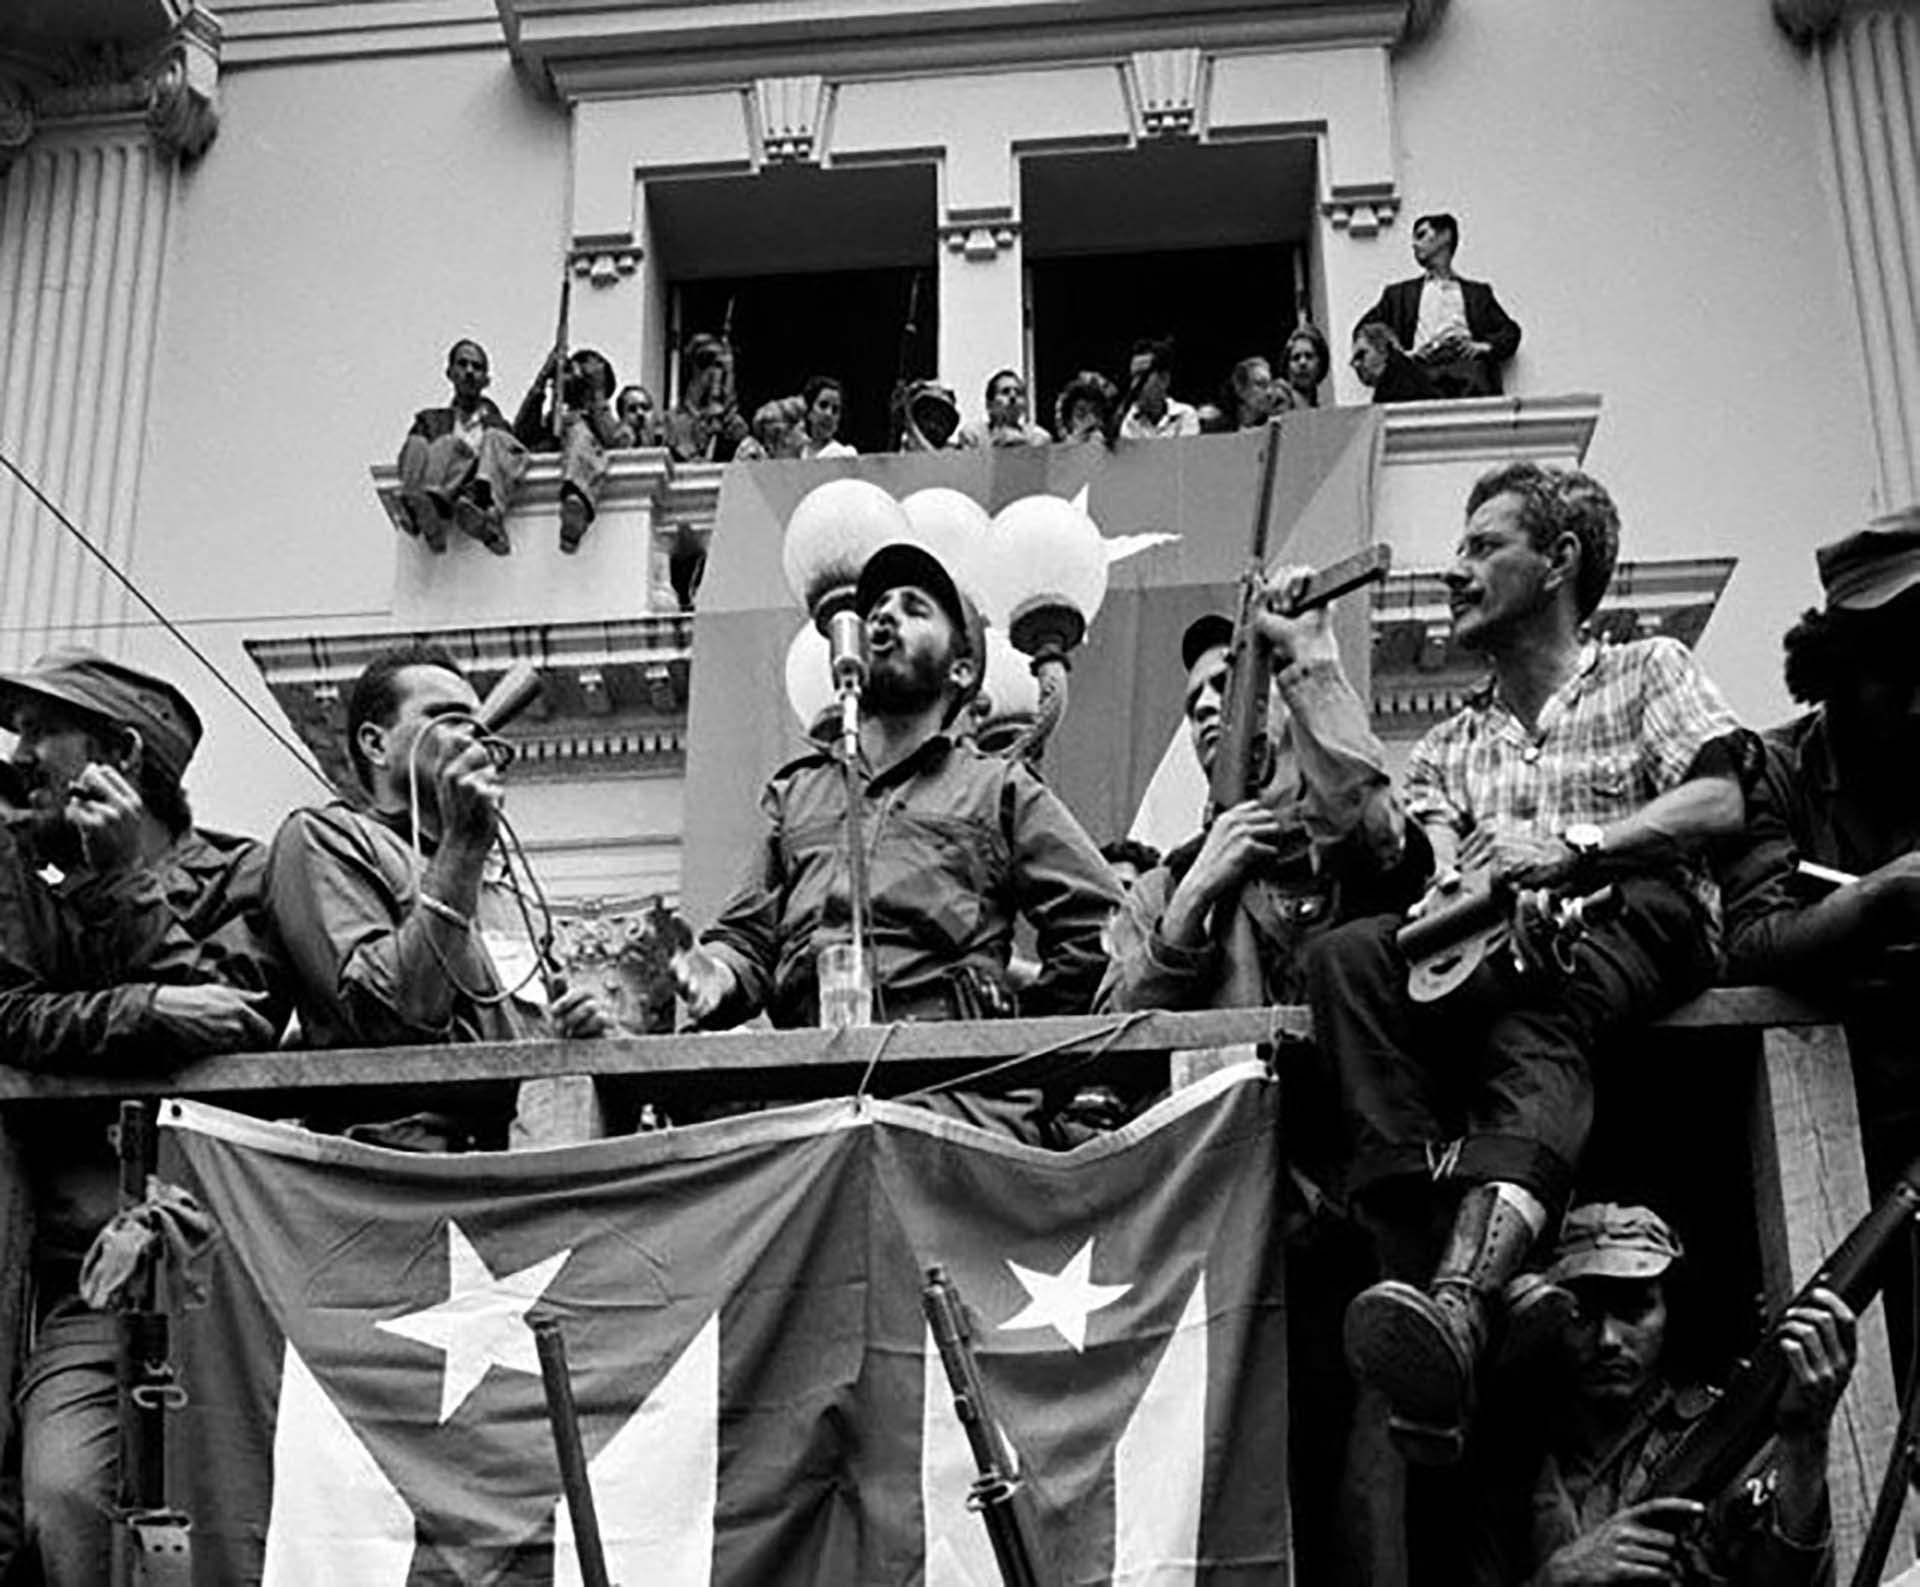 Fidel Castro brinda un discurso tras el derrocamiento de Batista